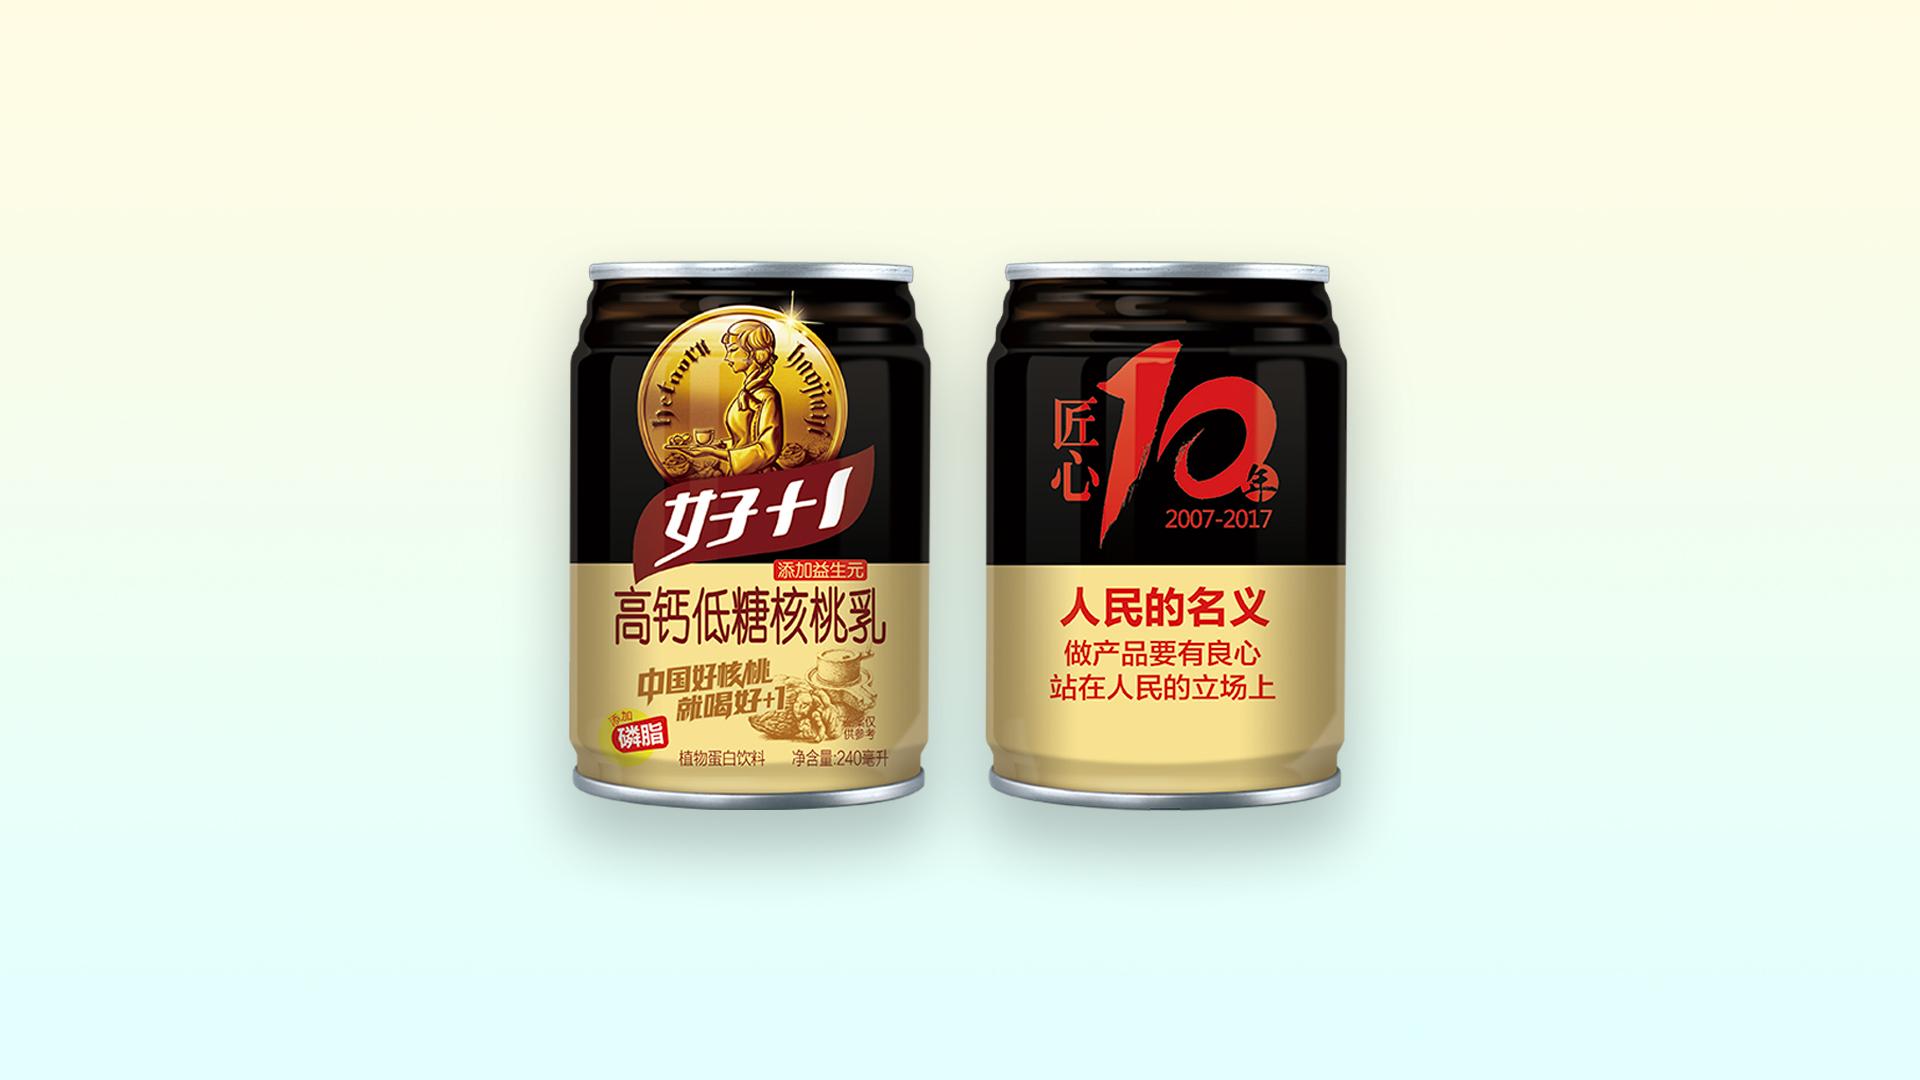 好+1核桃乳(匠心10年高钙低糖)矮罐